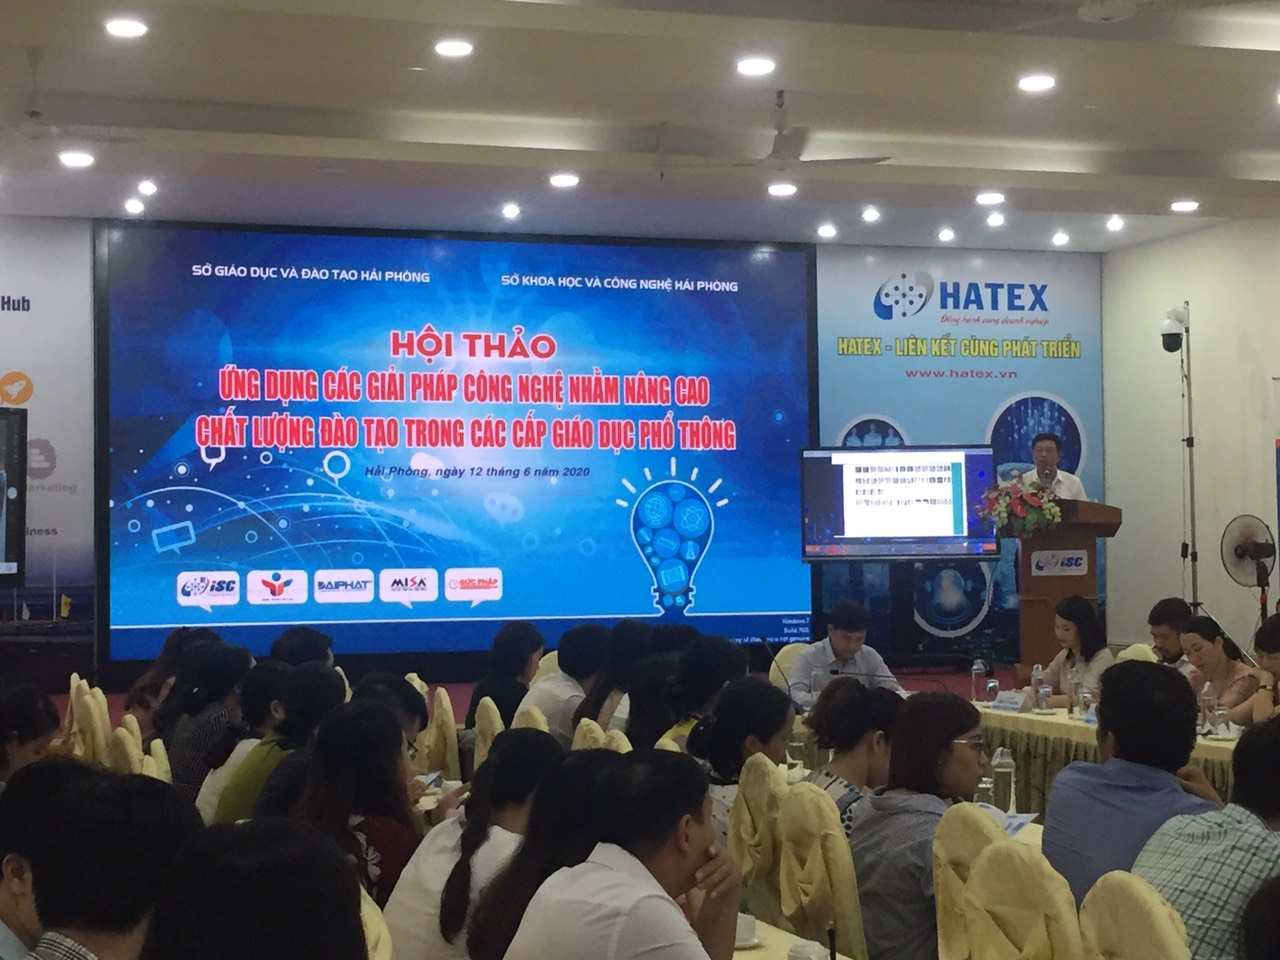 Hải Phòng: Hội thảo ứng dụng công nghệ nhằm nâng cao chất lượng đào tạo trong các cấp giáo dục phổ thông